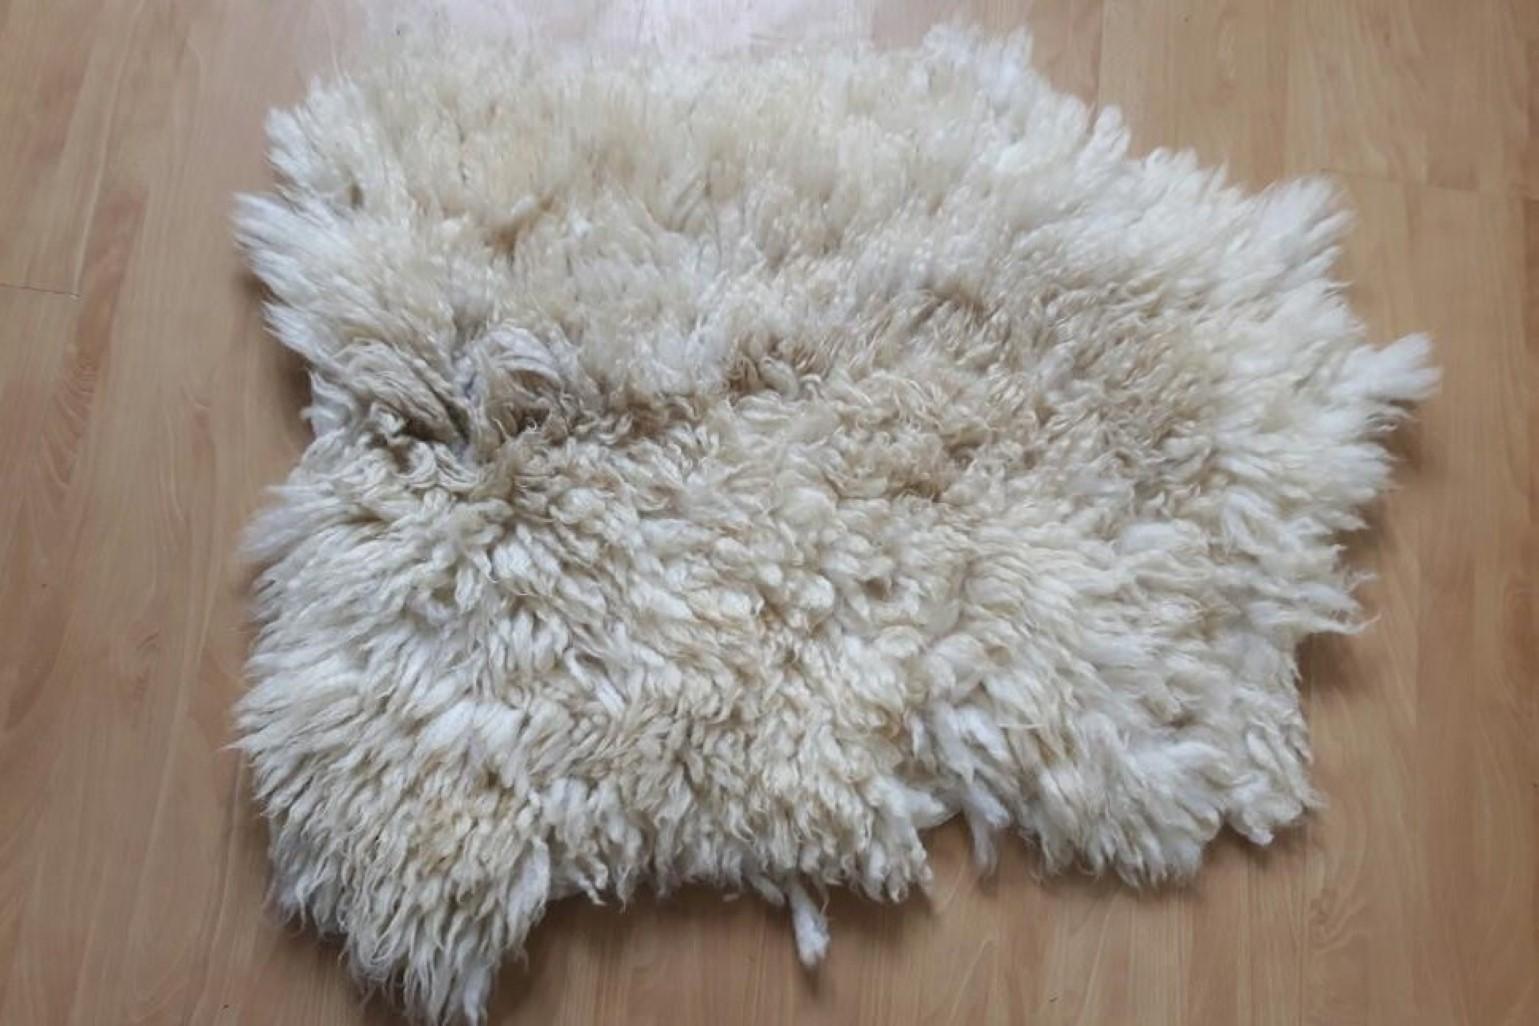 gevilte schapenvacht Marjolein 1